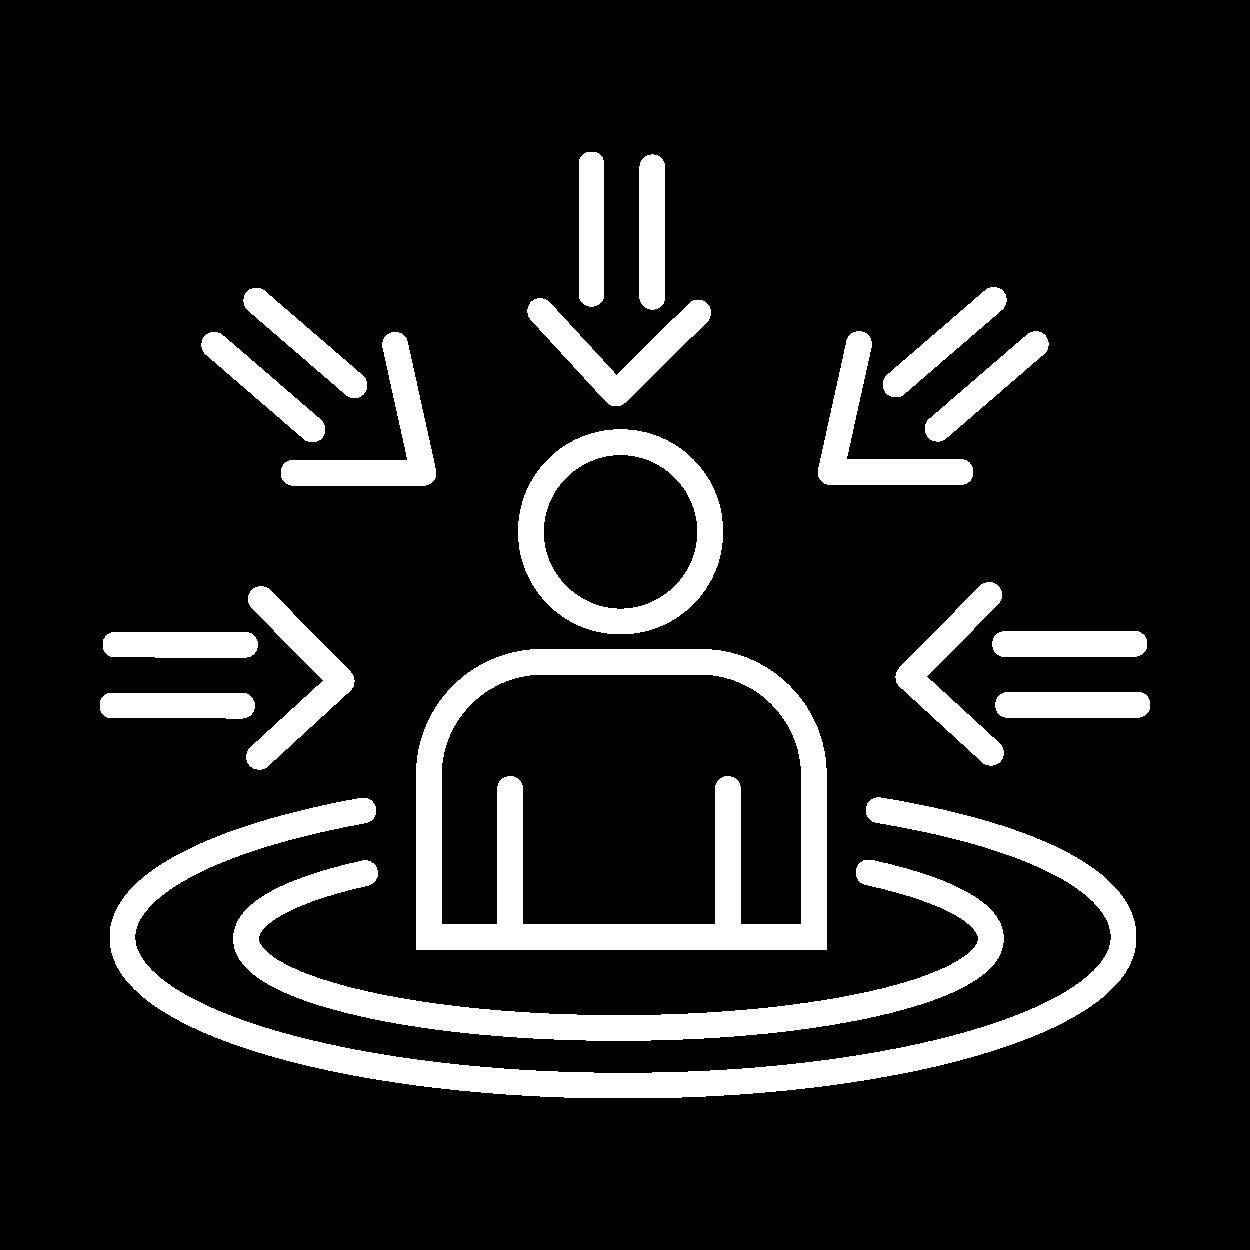 icone centralização